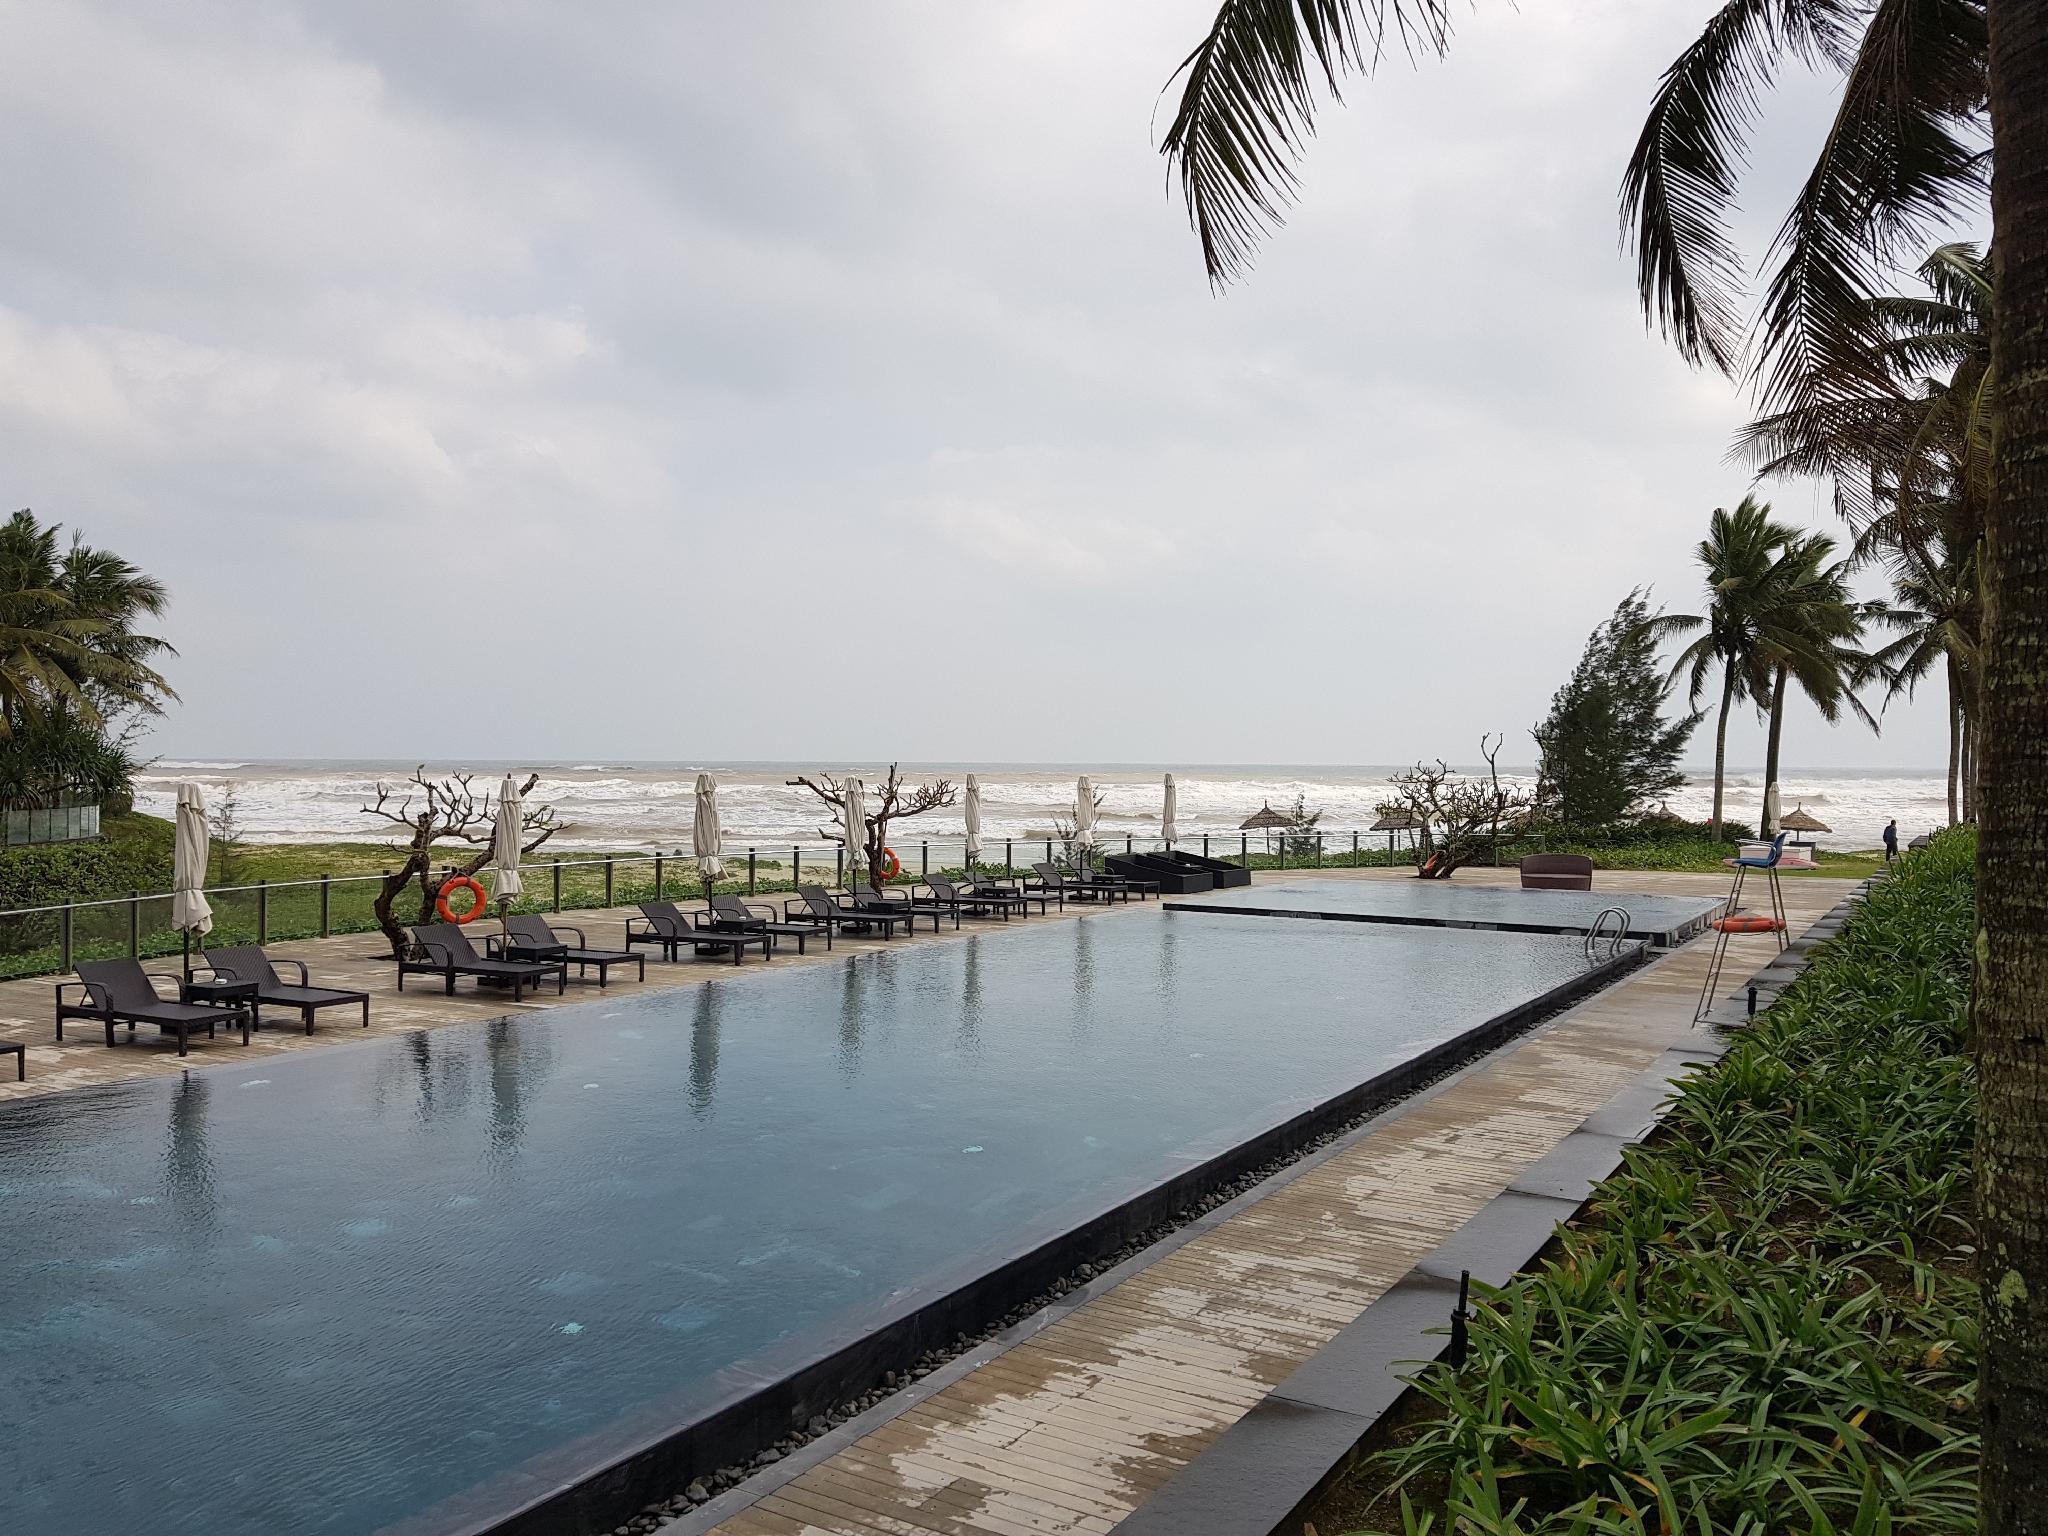 3 BedRs Villas Private Pool At DaNang Beach Resort